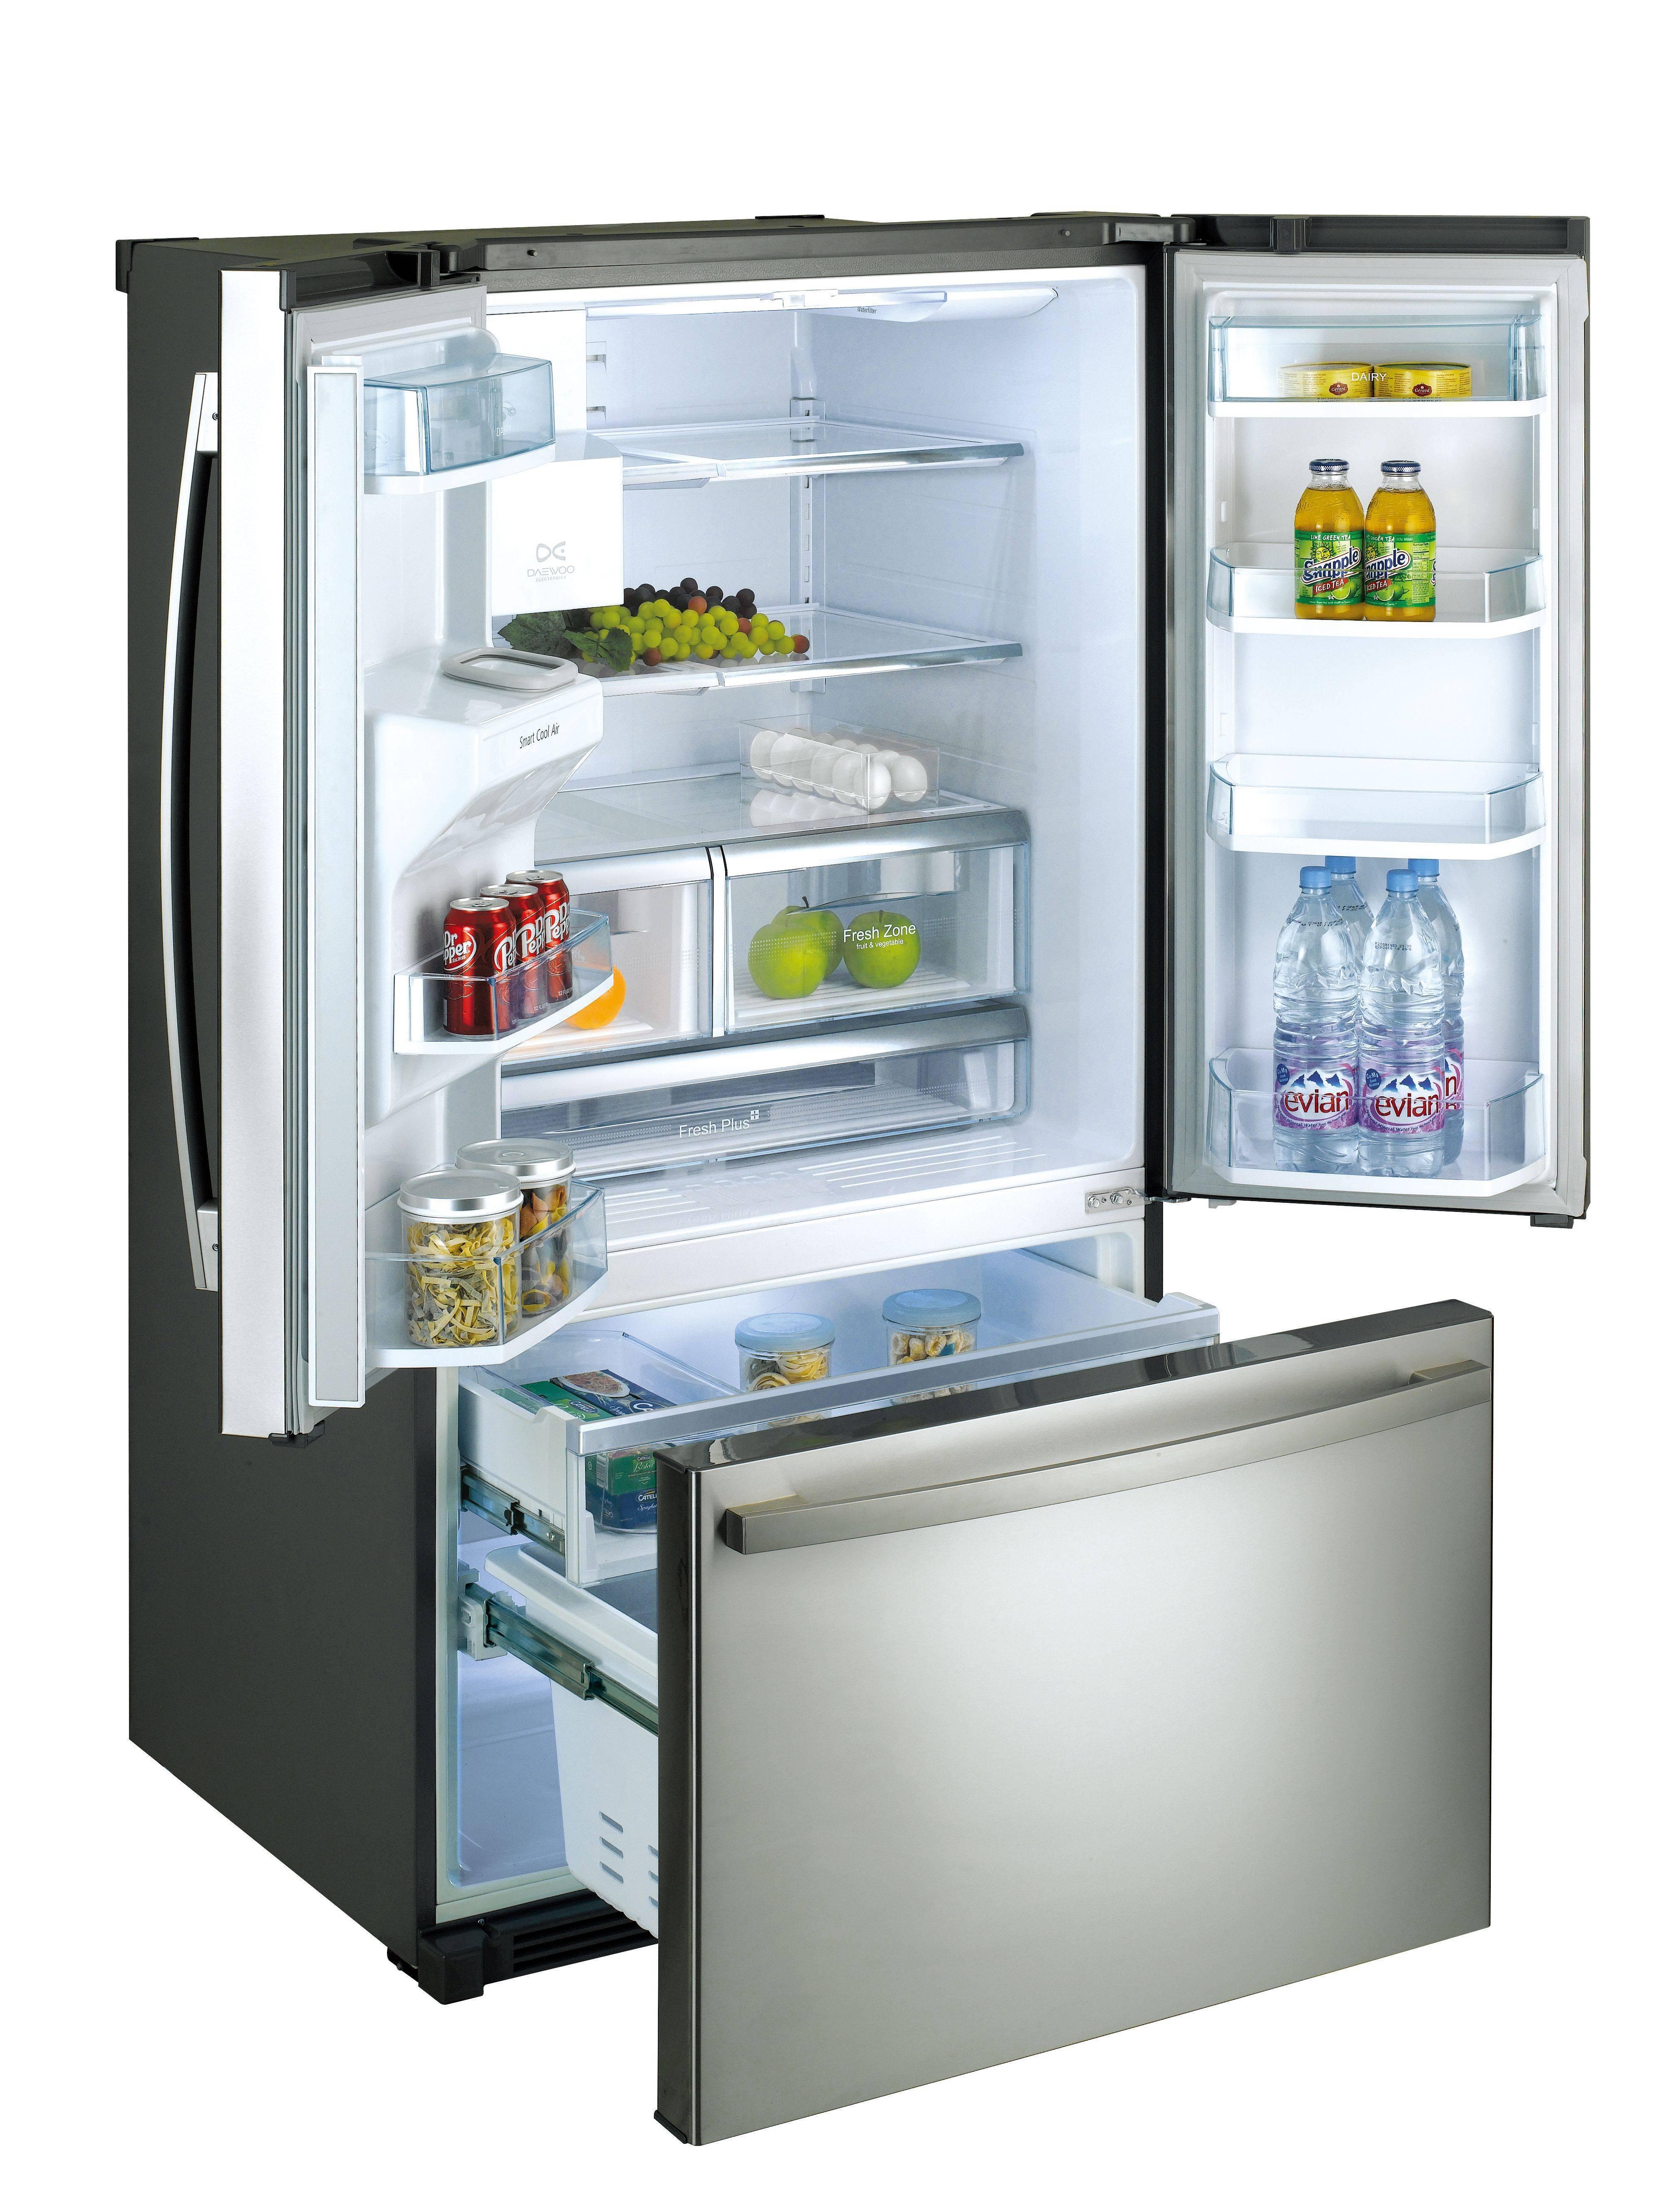 Топ 12 лучших встраиваемых холодильников по отзывам покупателей